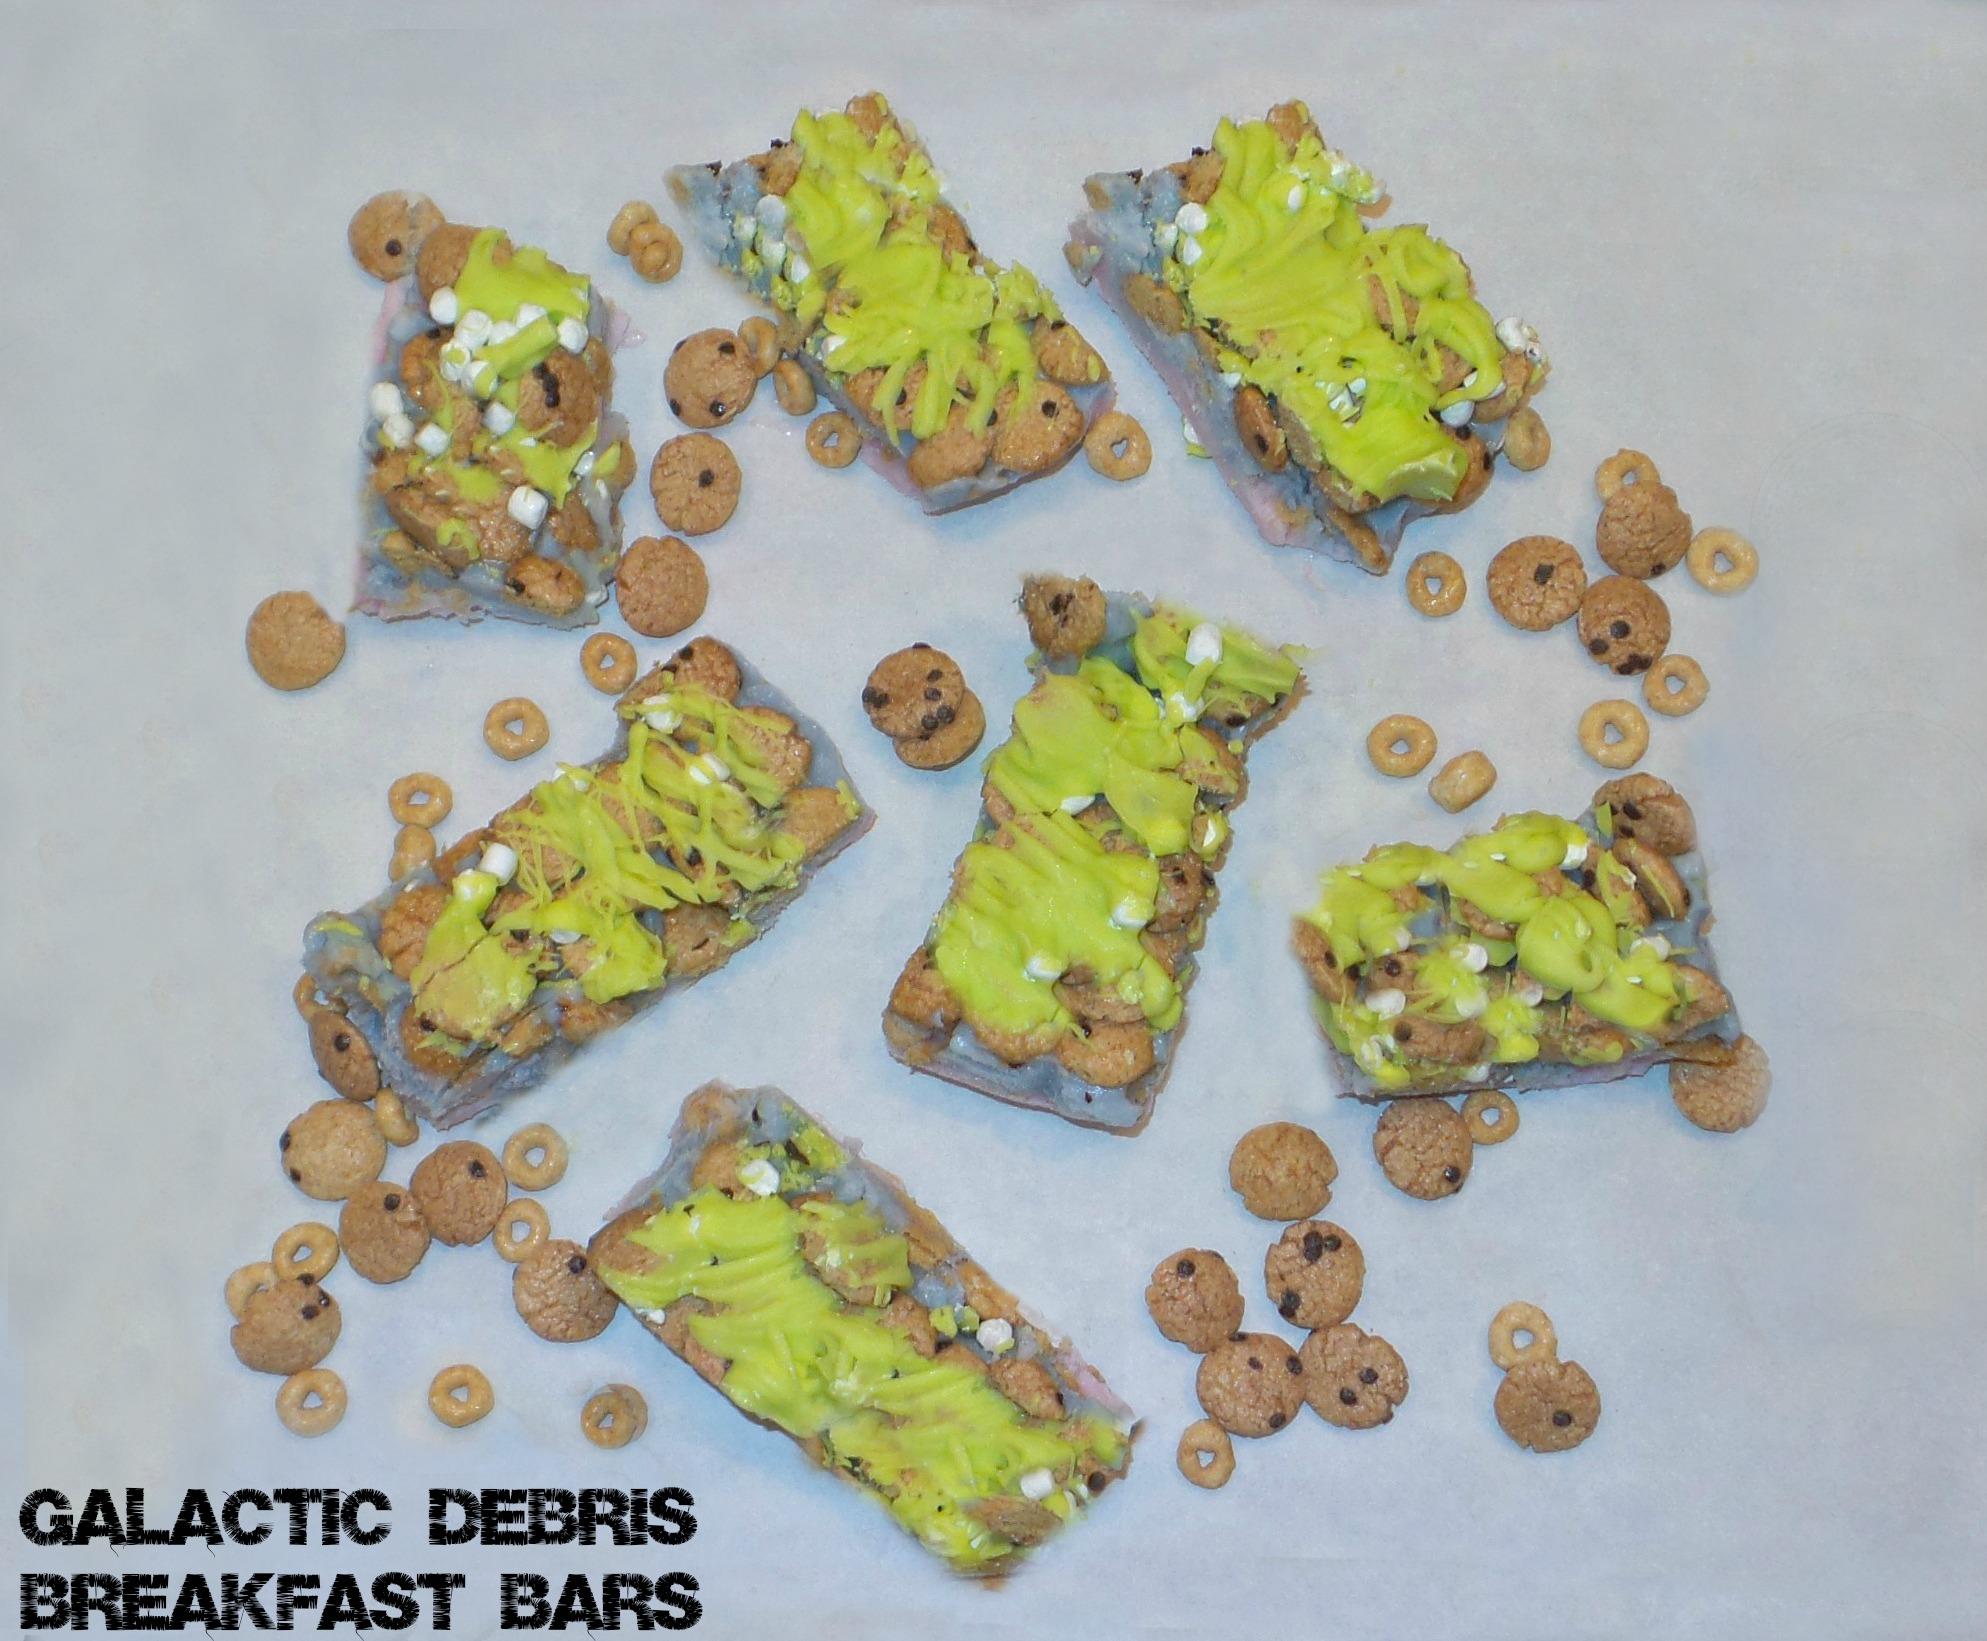 galactic debris breakfast bars hero 1